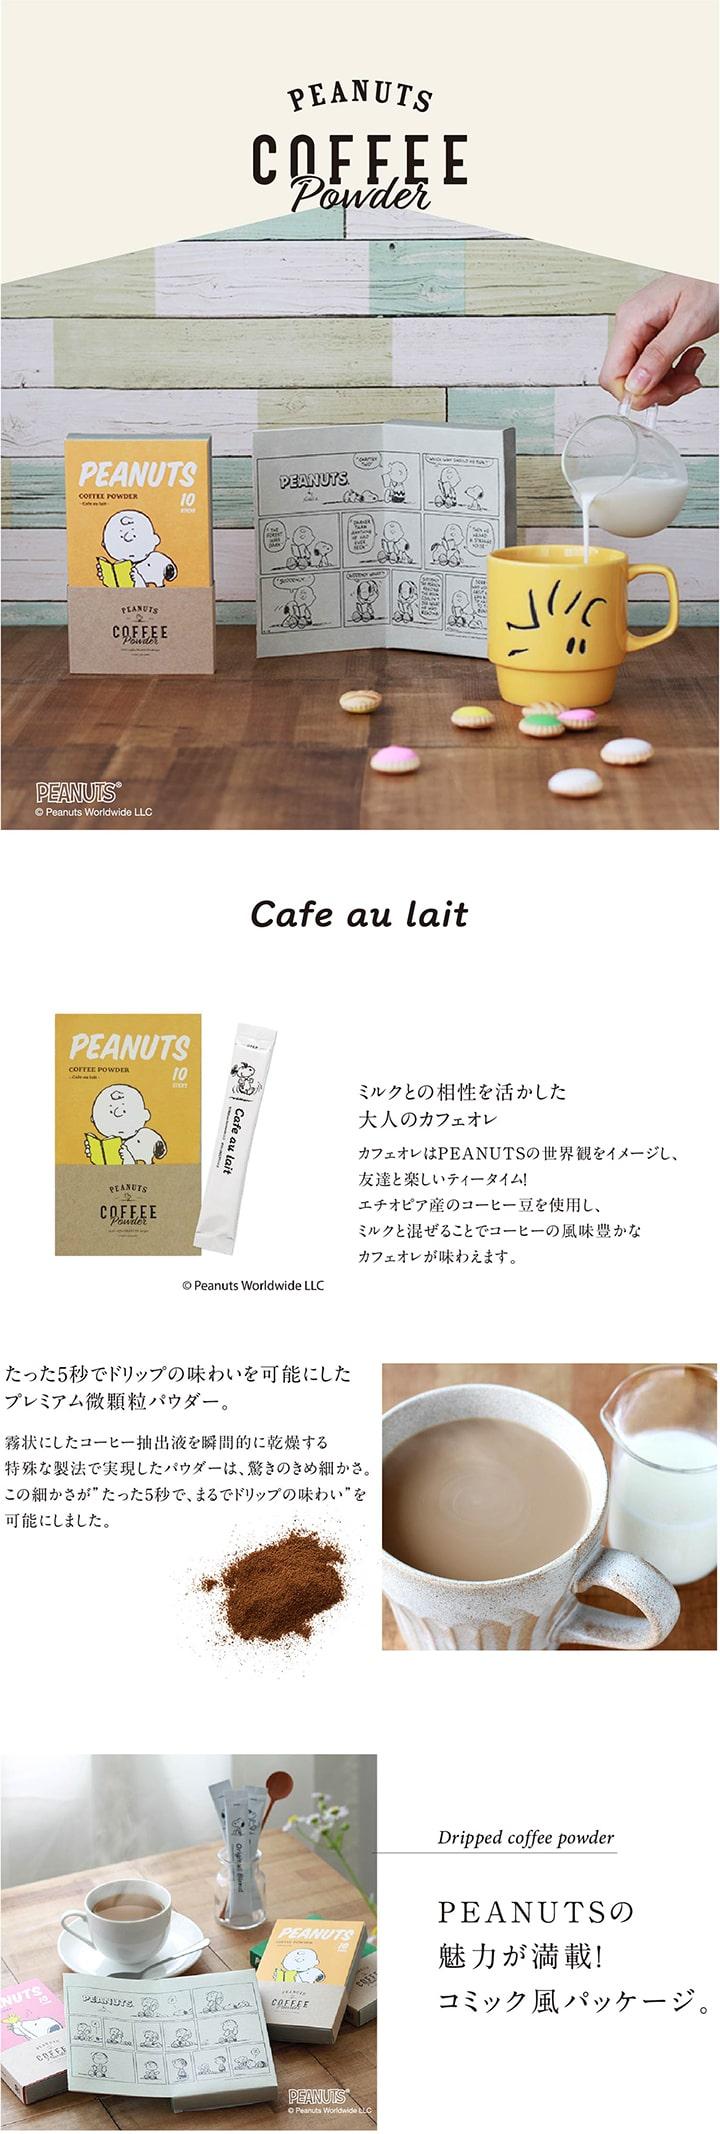 スヌーピーコーヒースティック10本入り カフェオレ